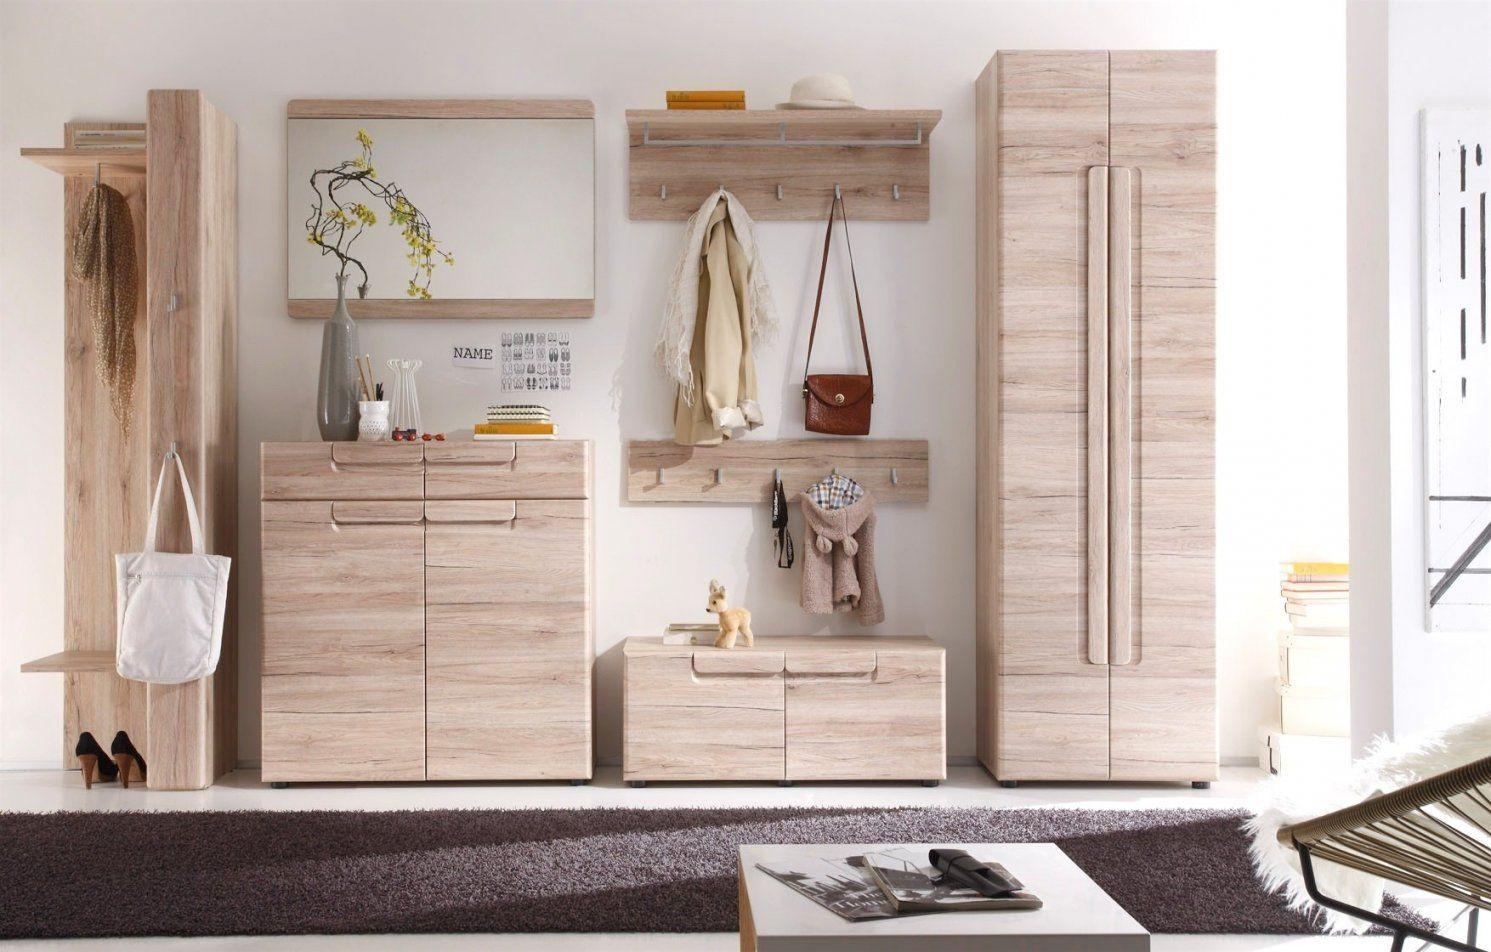 garderobe selber bauen schöner wohnen | haus design ideen